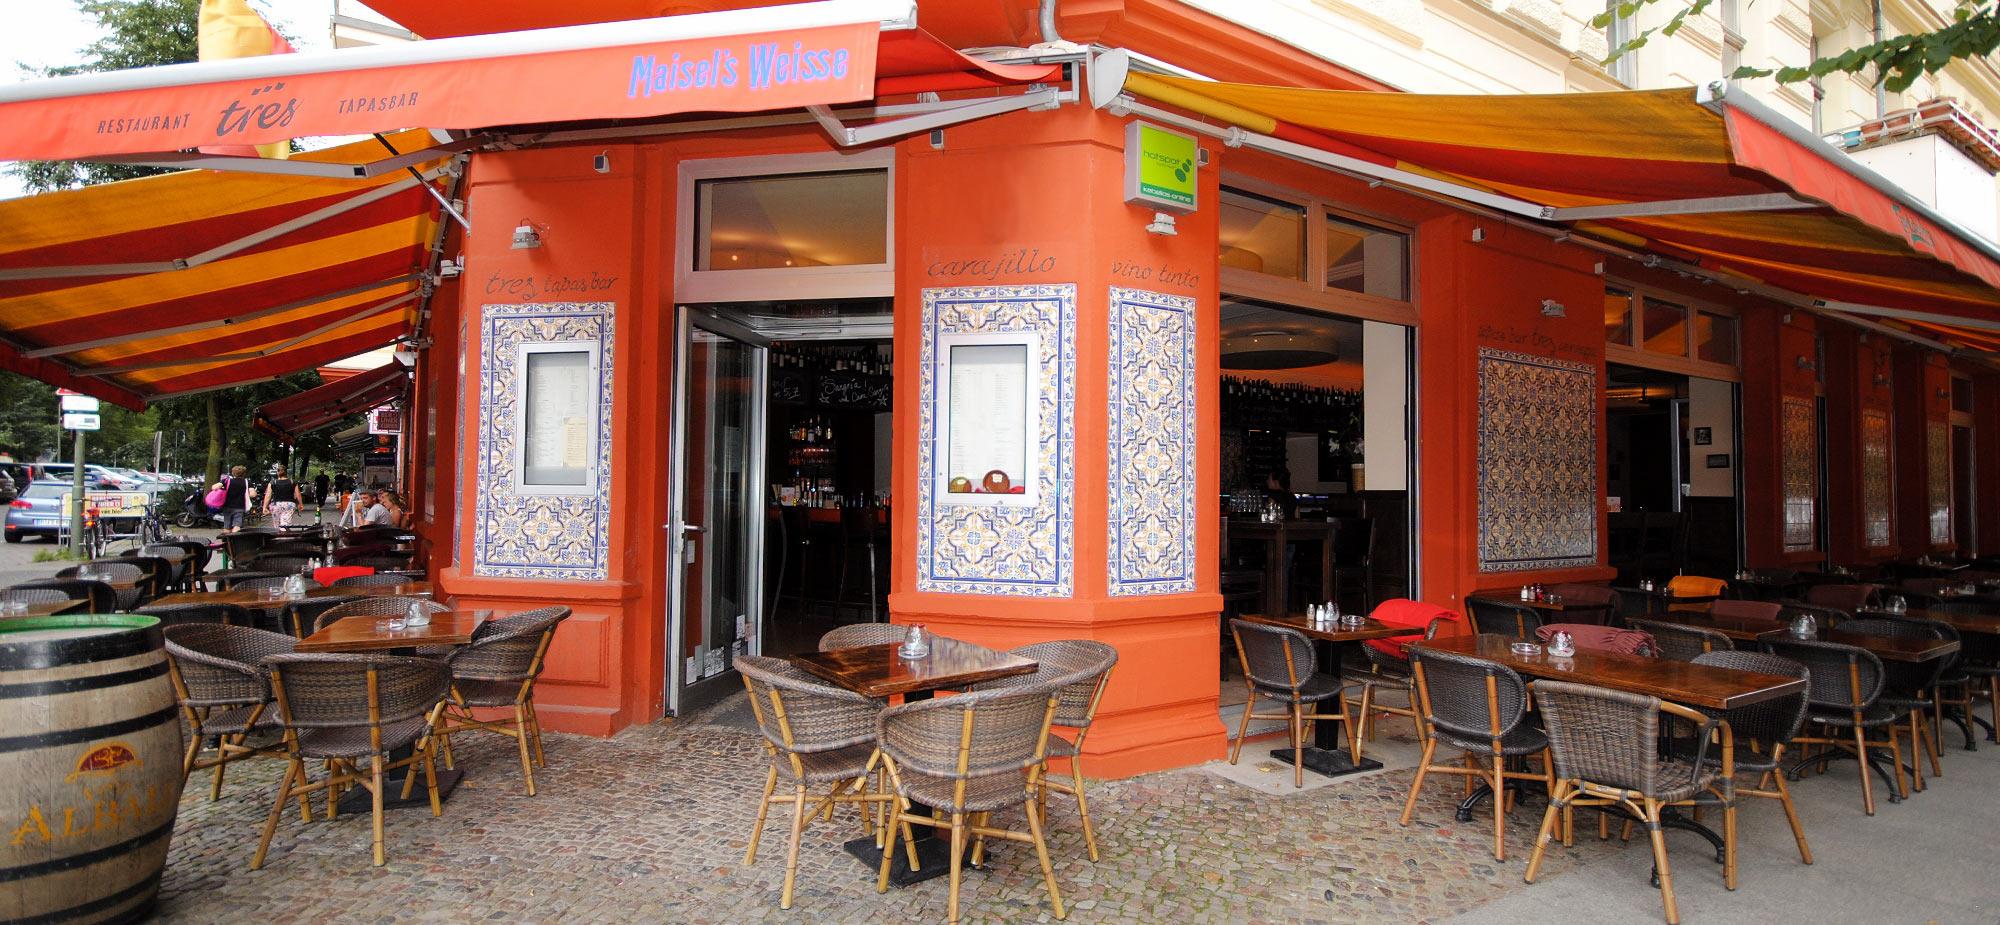 Tres Tapas Restaurant Tapasbar Tres Tapastres Tapas Original